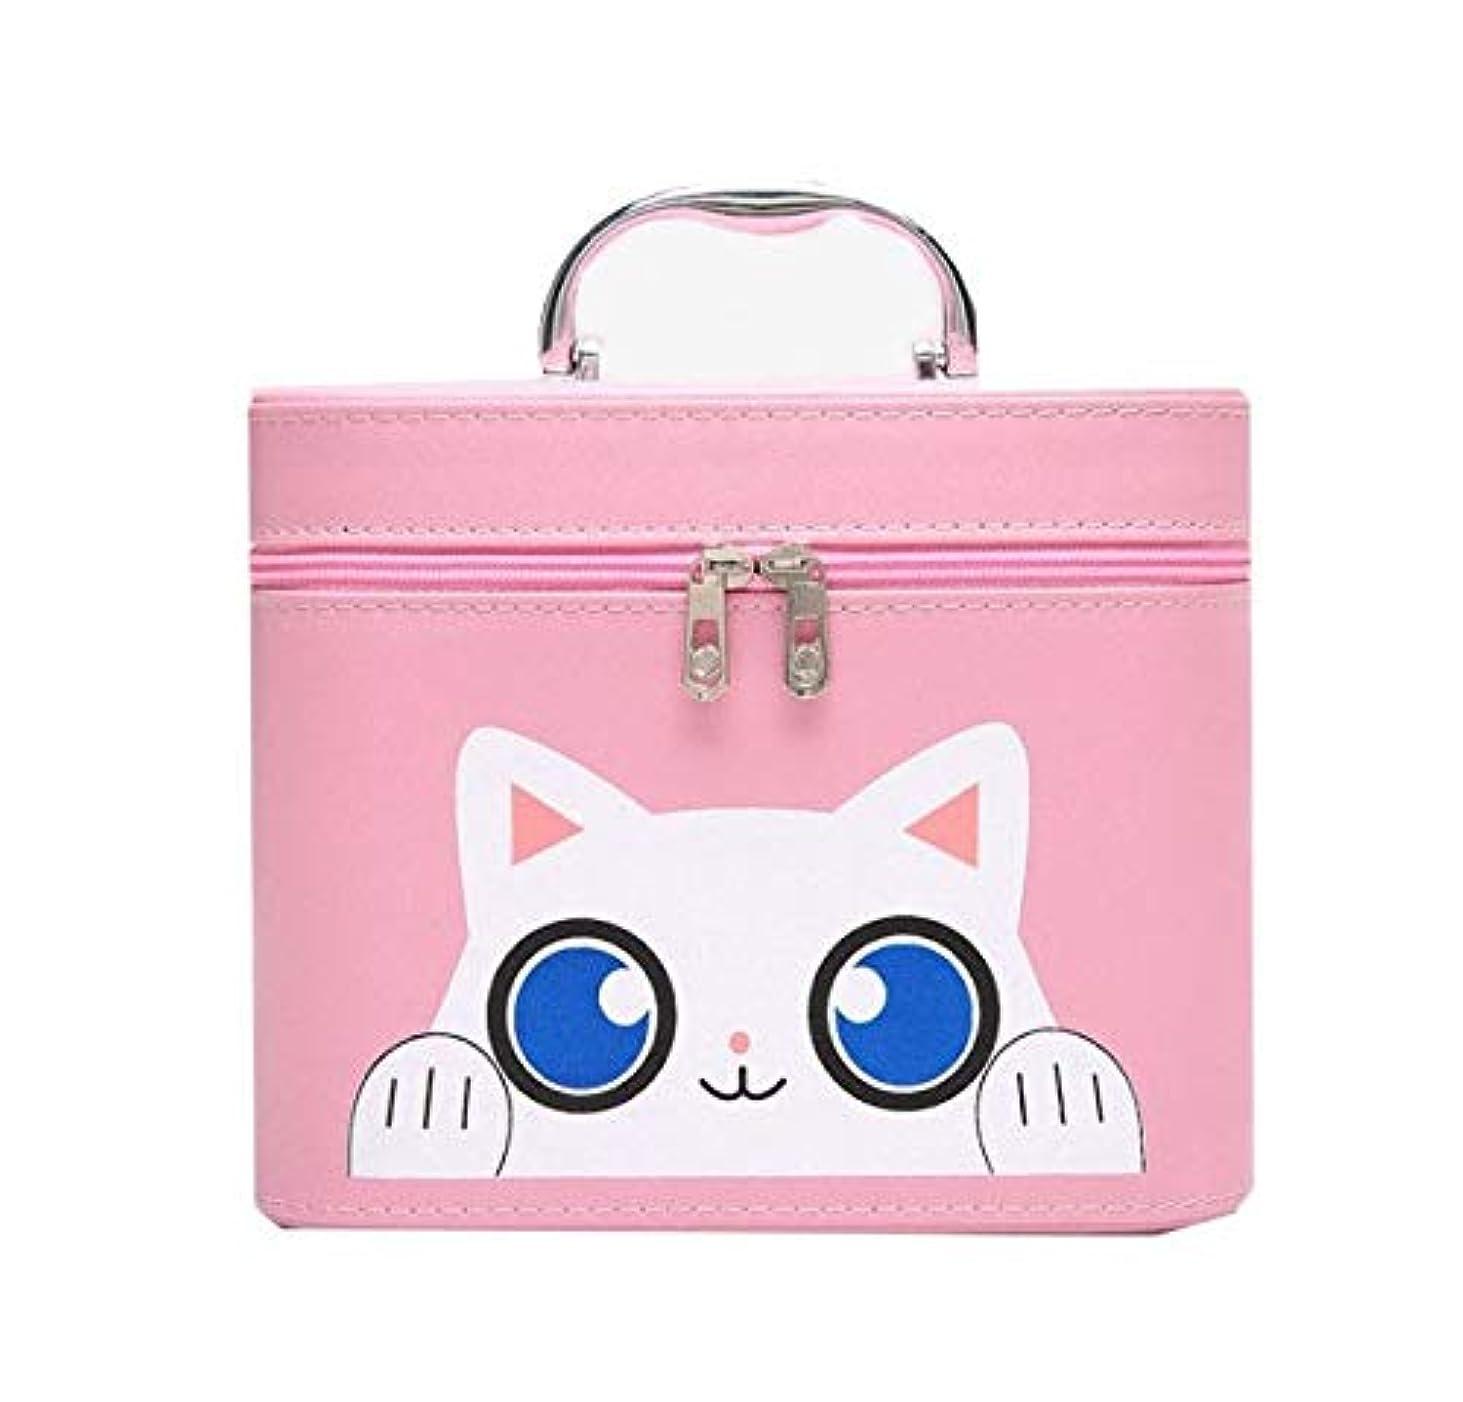 プロテスタント東ティモール明るい化粧箱、大容量漫画猫化粧品ケース、ポータブル旅行化粧品ケース、美容ネイルジュエリー収納ボックス (Size : S)